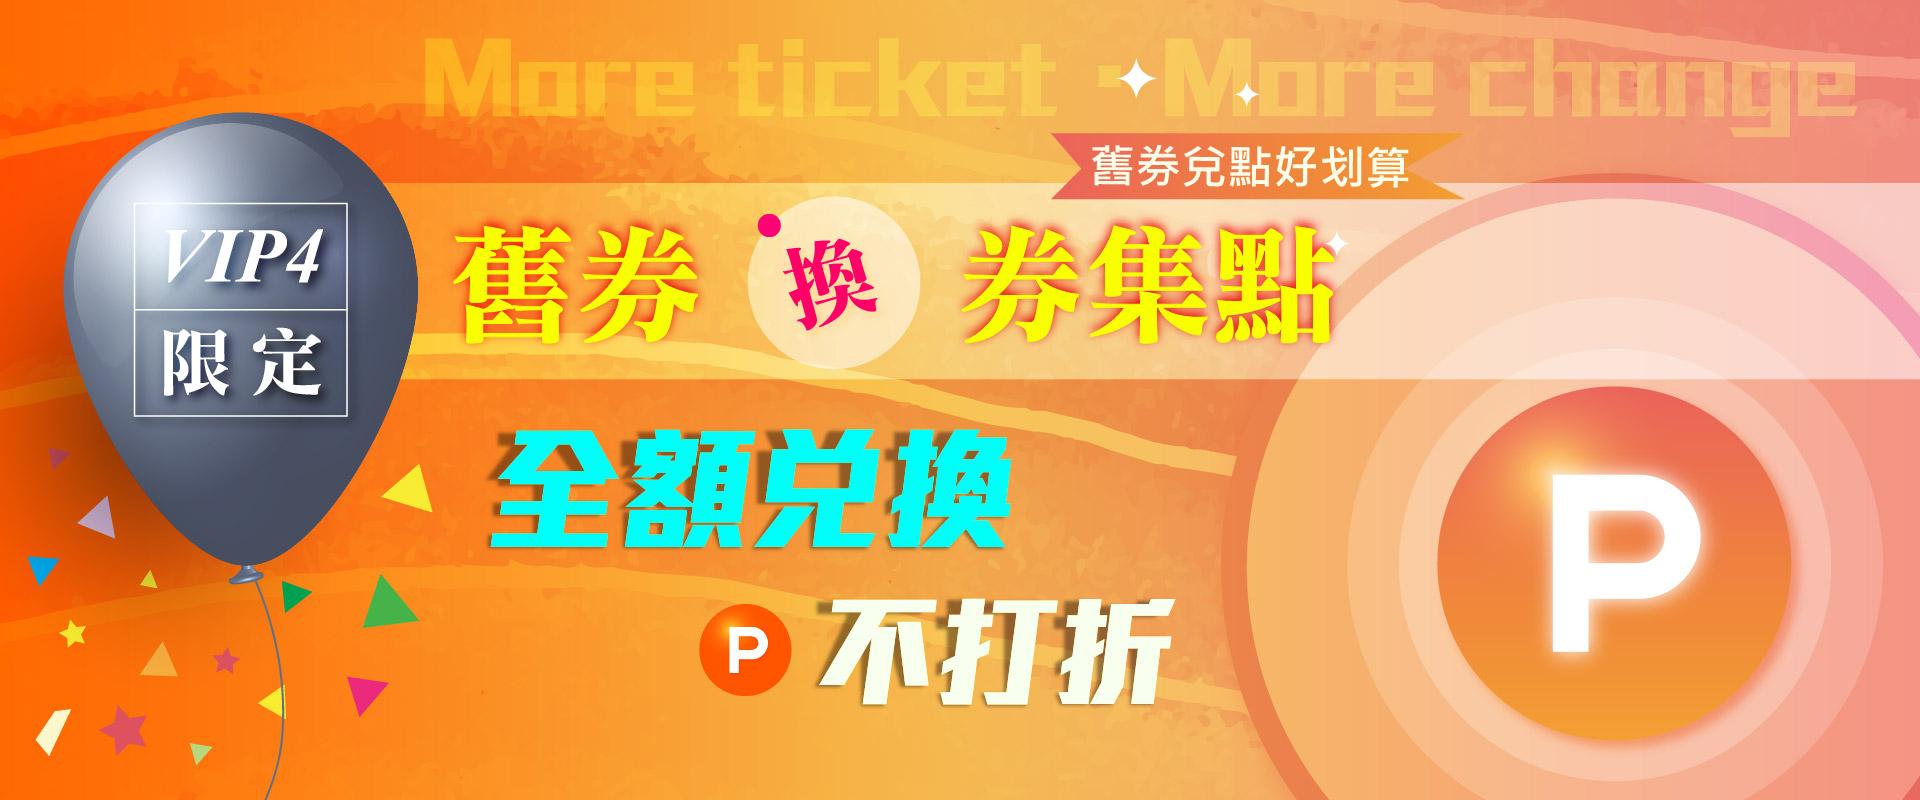 旅遊美食票券過期怎麼辦?快到Mochanji券集商城舊券換新券,讓優惠永不過期